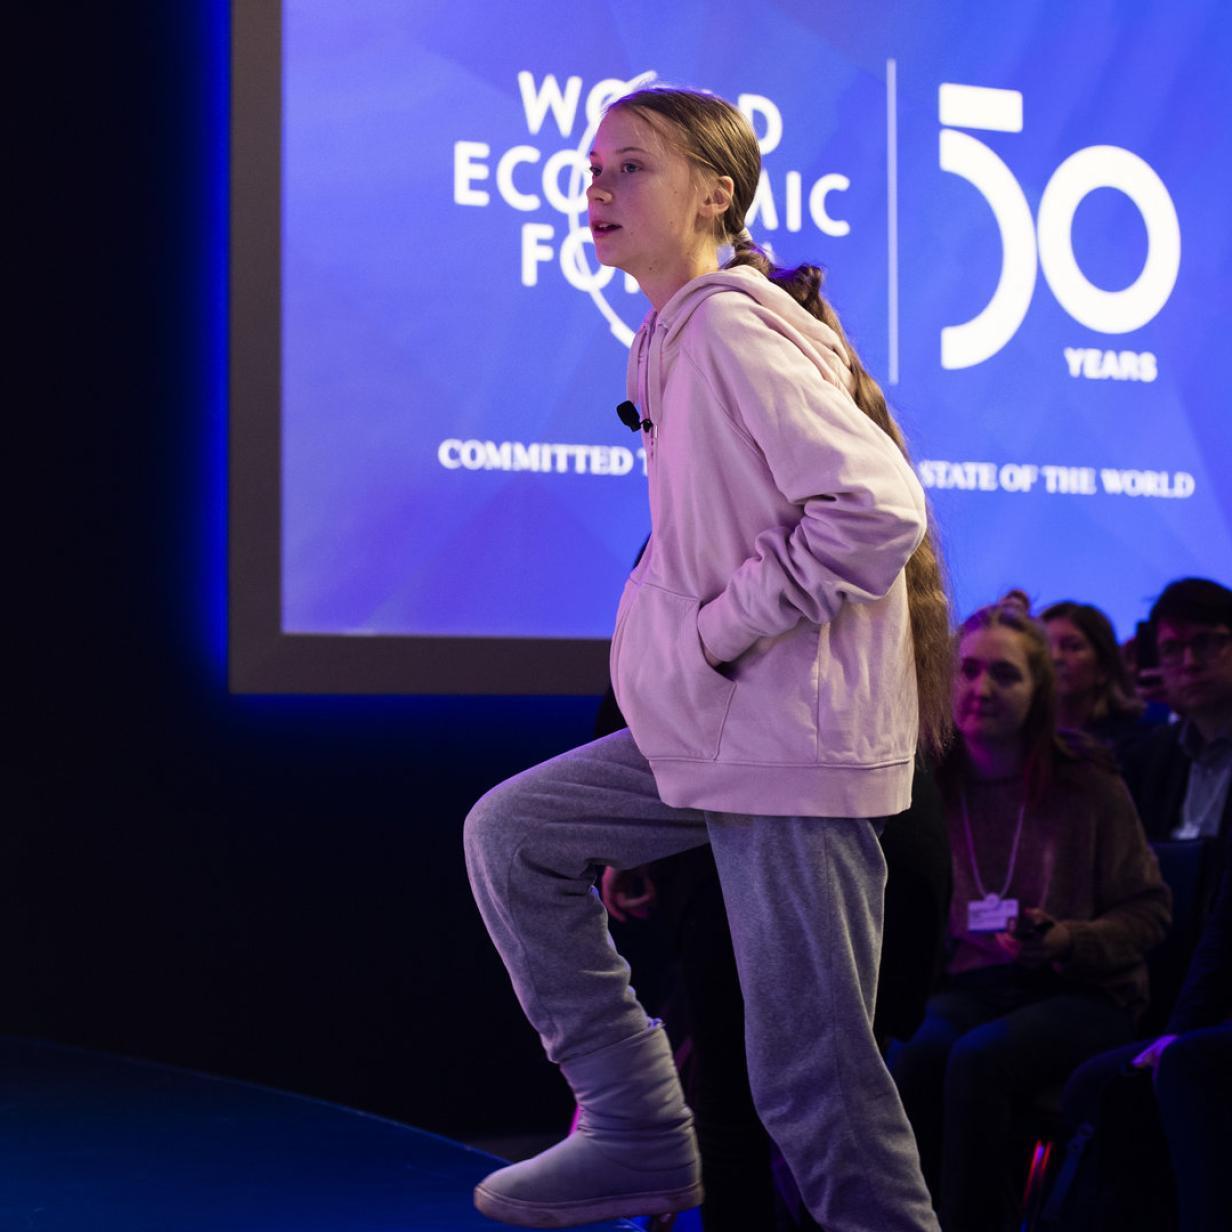 Davos: Greta spielt gegen Trump auf